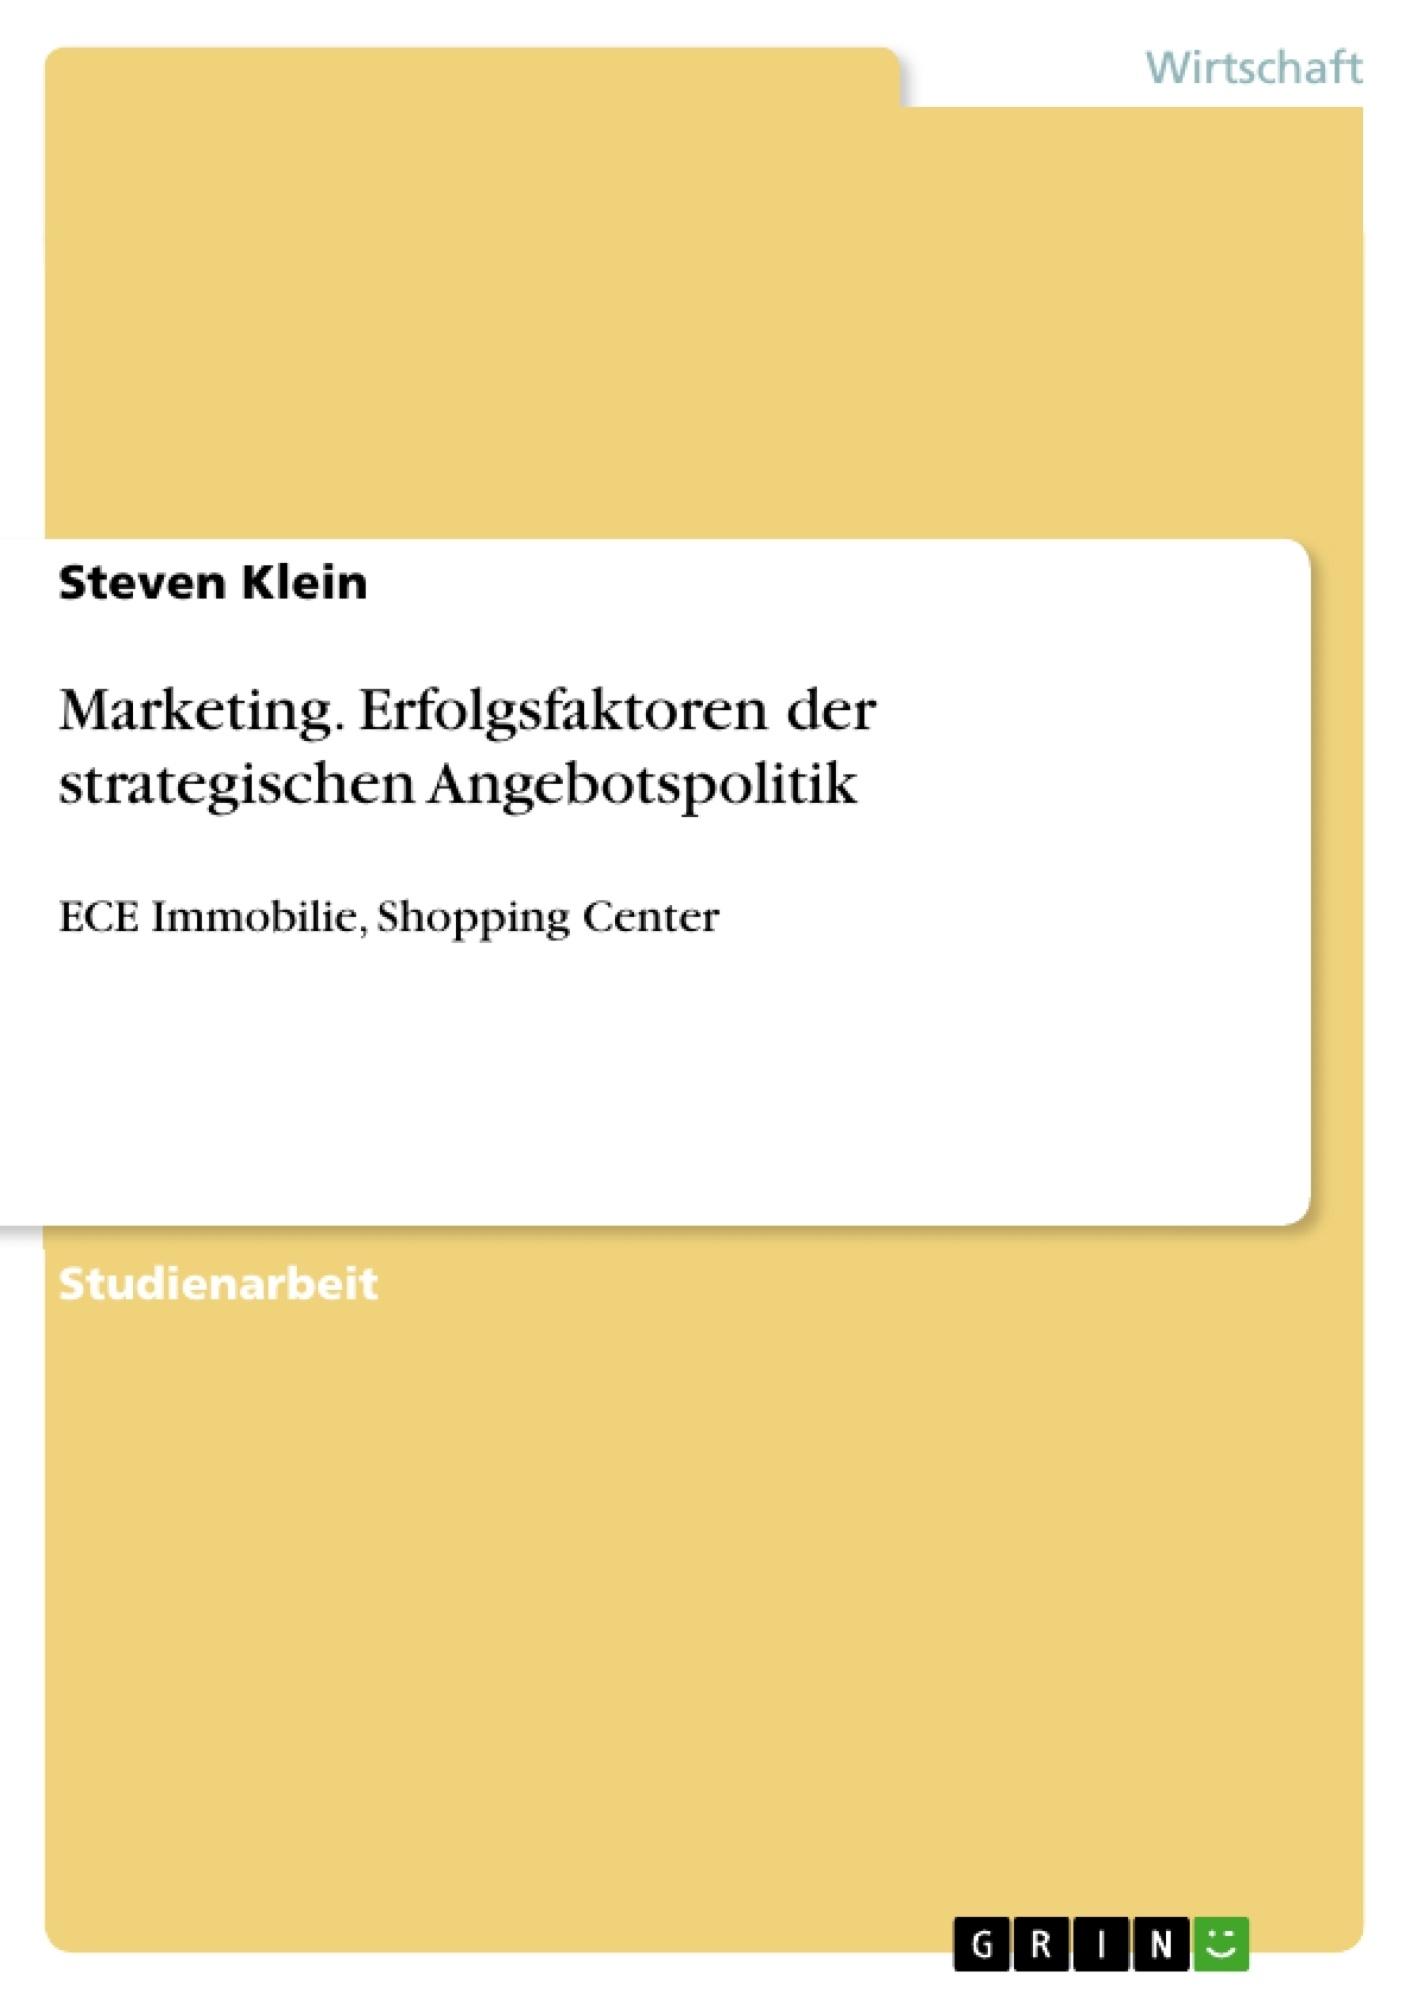 Titel: Marketing. Erfolgsfaktoren der strategischen Angebotspolitik